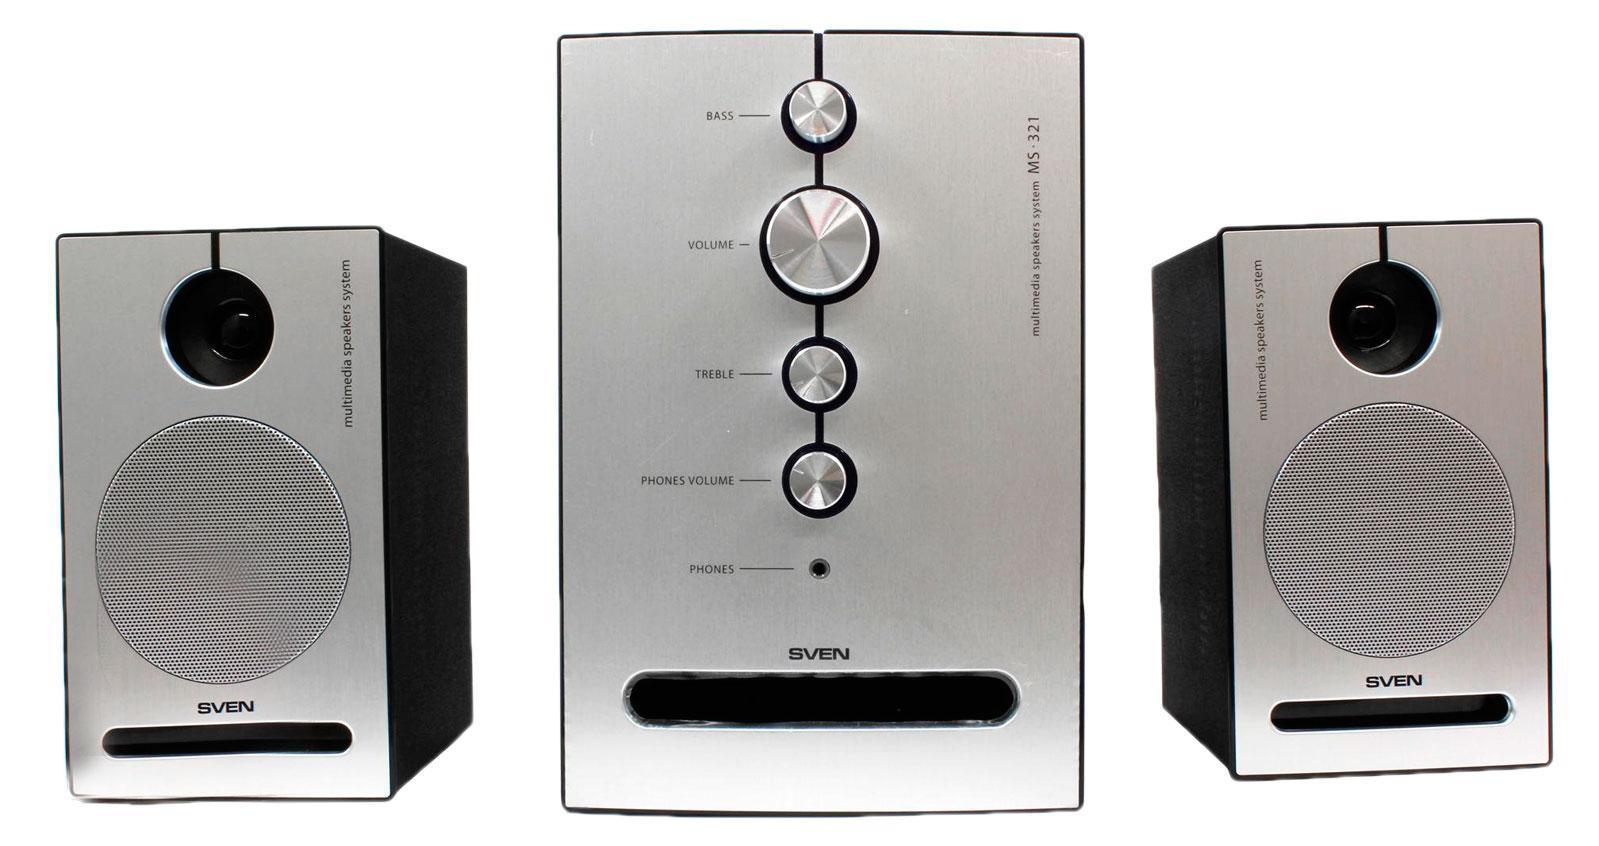 Sven MS-321, Black акустическая система 2.1 с сабвуферомSV-0130321BKСистема подходит для воспроизведения музыки, озвучивания игр, фильмов на ПК или ноутбуке. Однако суммарной мощности в 41 Вт хватит и для того, чтобы создать свой музыкальный центр, подключив комплект к DVD- или MP3-плееру.Передние панели сателлитов и сабвуфера выполнены из алюминия. При включении акустики элементы управления эффектно подсвечиваются светло-фиолетовым цветом. Необычный дизайн SVEN MS-321 настолько притягивает, что после покупки многим захочется поставить ее на видное место.Модель передает звуковую сцену во всех нюансах. Благодаря технологии акустического оформления «bandpass», а также щелевой конструкции фазоинвертора, у системы глубокий плотный бас. Чистое детальное звучание на высоких частотах обеспечивают двухполосные сателлиты.Управление акустикой очень простое и наглядное. На лицевой стороне сабвуфера расположено несколько регуляторов. С их помощью можно настроить уровень общей громкости системы, громкости наушников, а также отрегулировать уровень высоких и низких частот. Для индивидуального прослушивания музыки в модели предусмотрен разъем на наушники, который находится также на панели управления. Конструкция корпуса сателлитов позволяет крепить их на стену. Такая возможность придется по вкусу тем, кто ценит свободное пространство на рабочем месте.